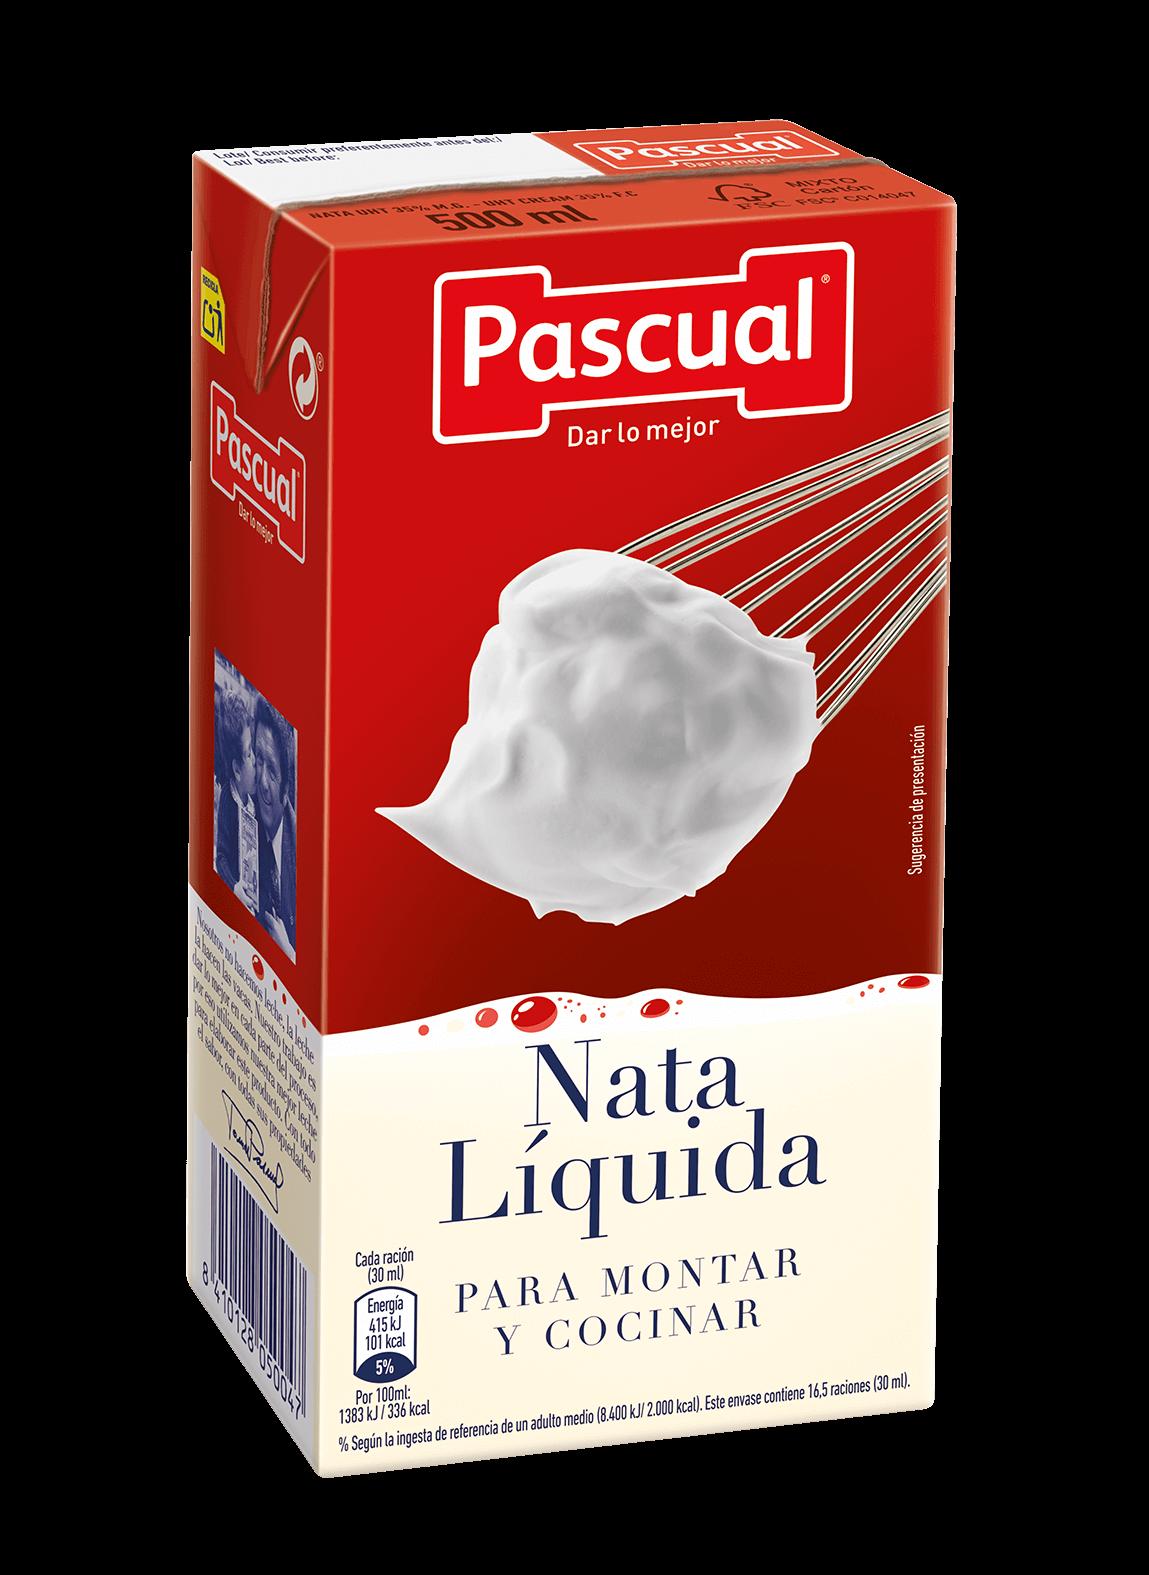 NATA liquida montar cocinar Pascual